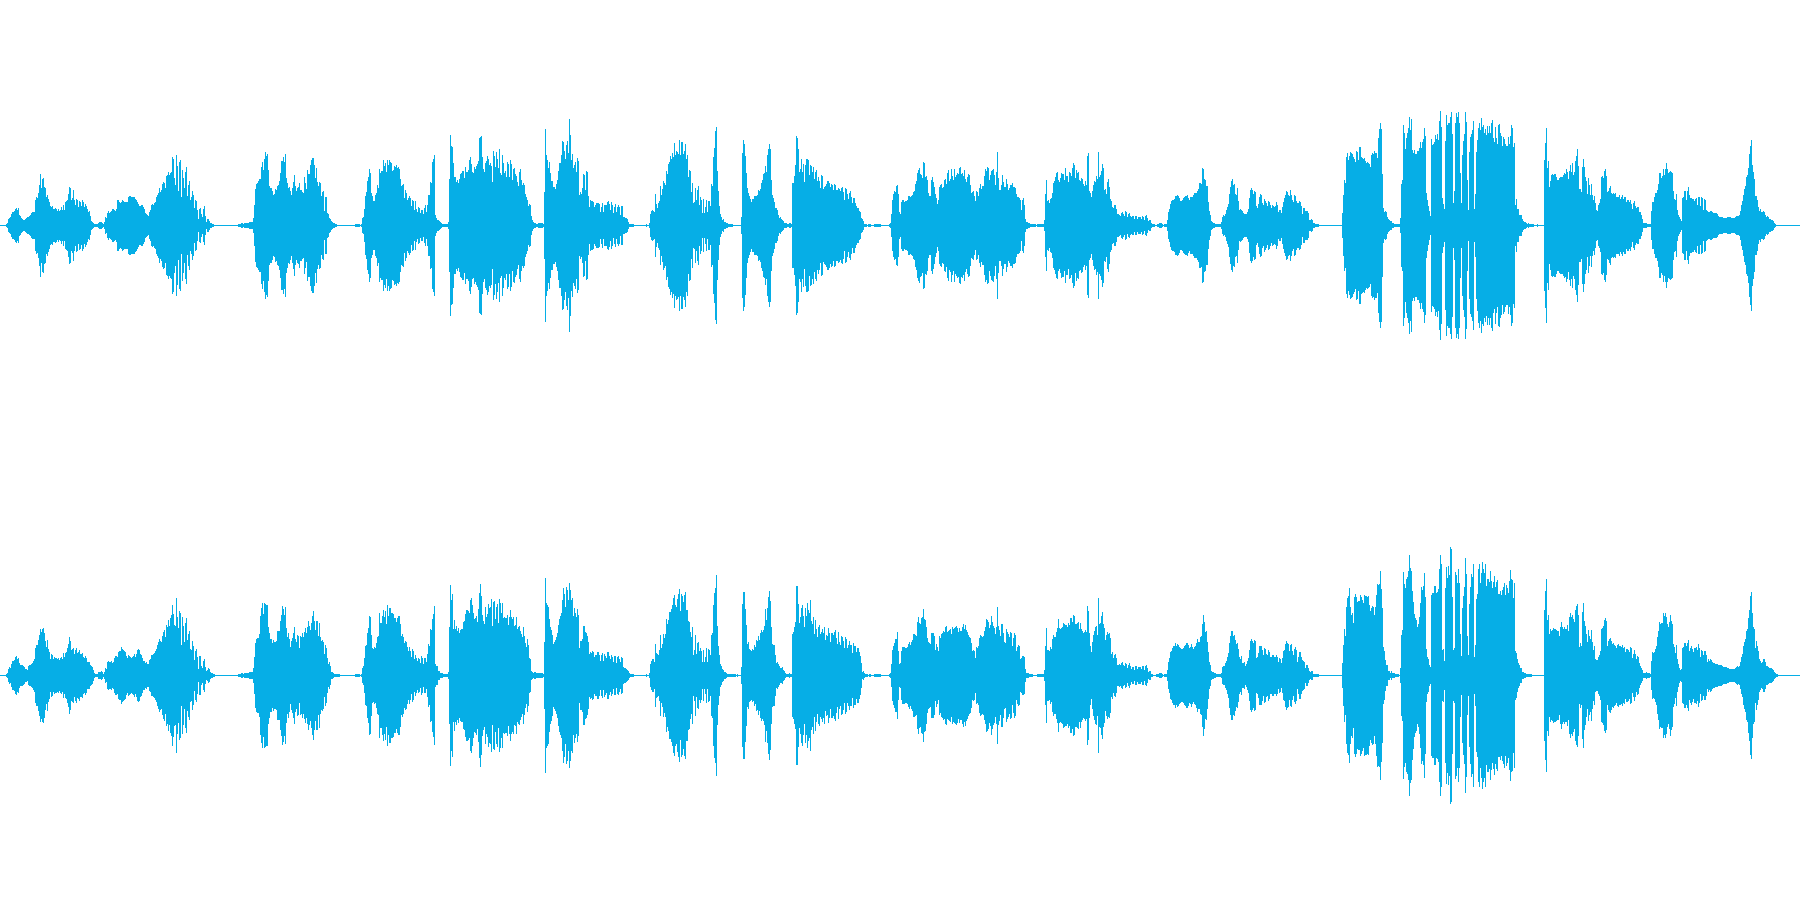 怪談をイメージした篠笛独奏の再生済みの波形